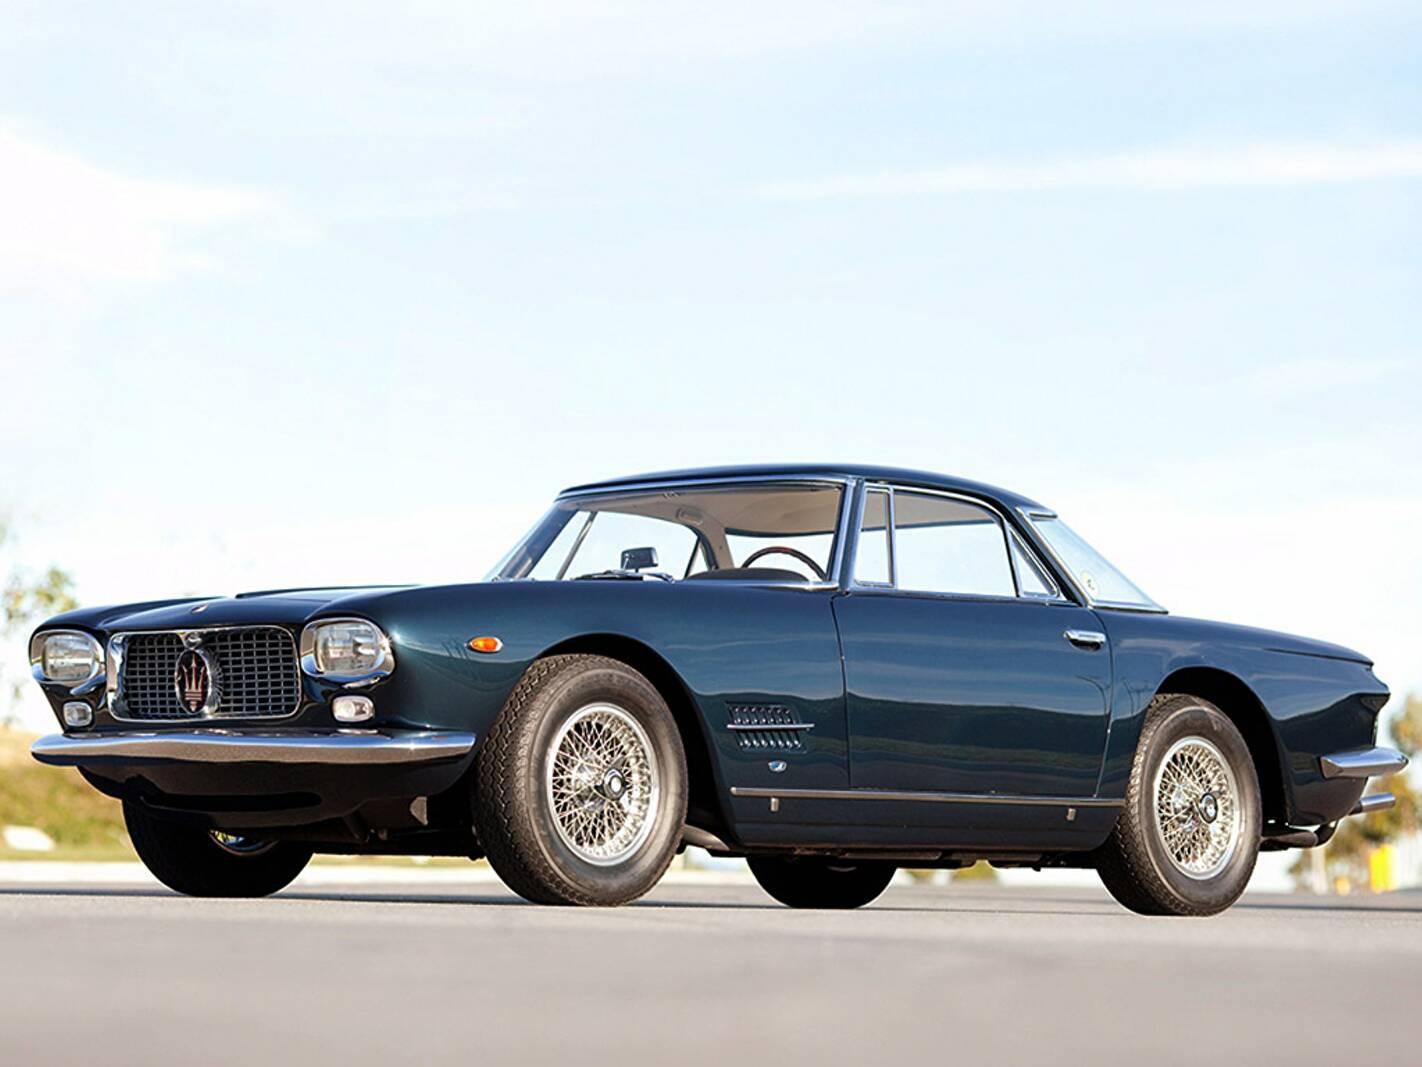 Fiche technique Maserati 5000 GT (1959-1964)